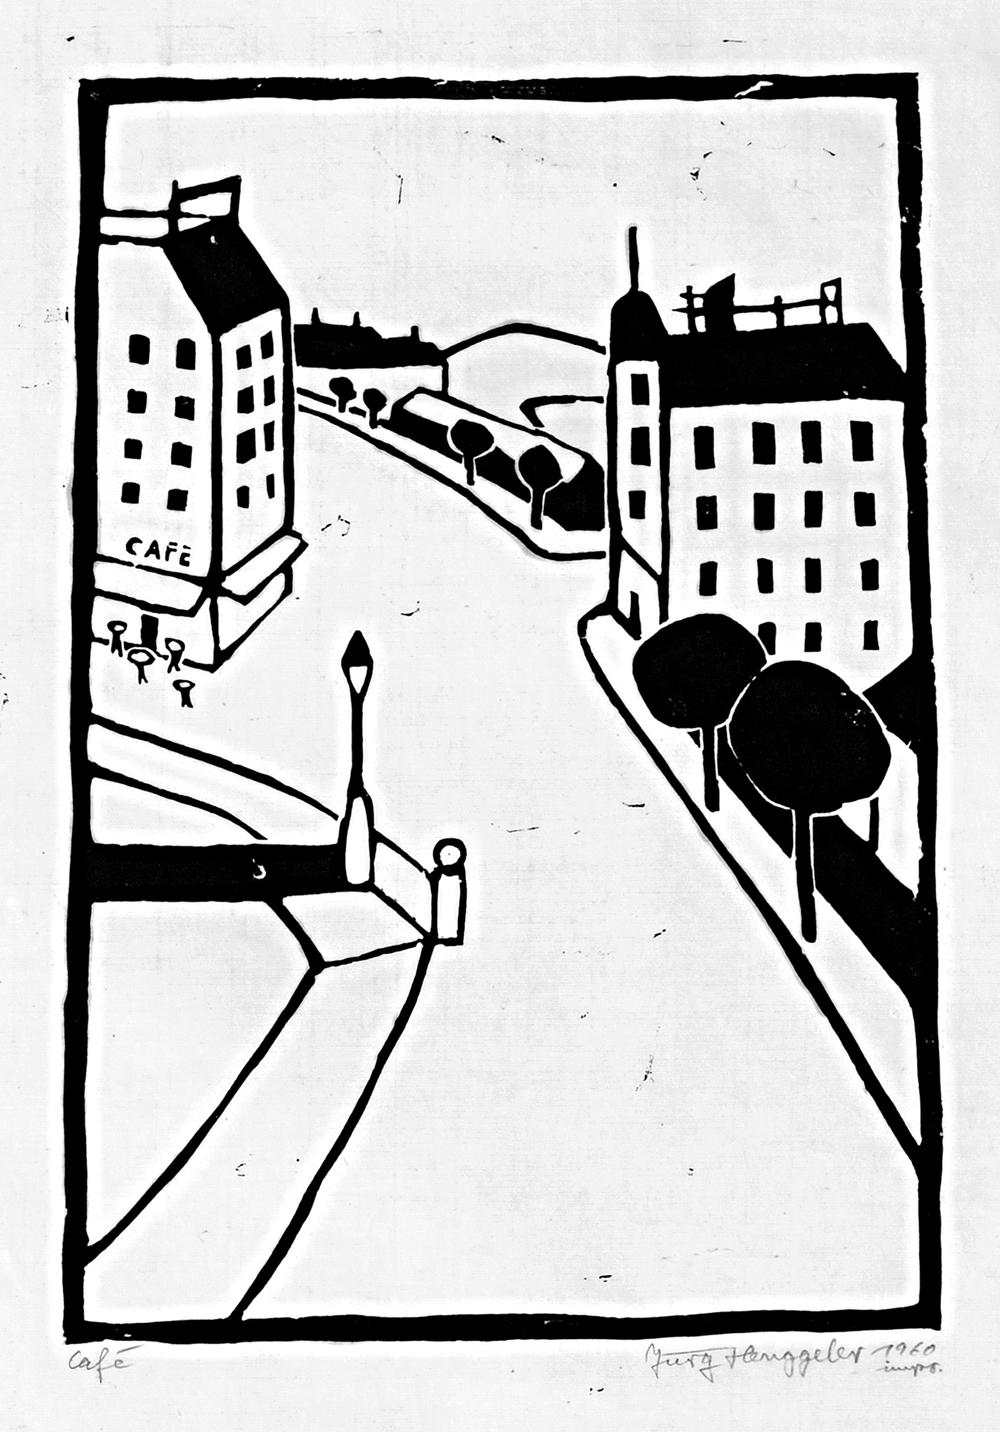 Café, 1960